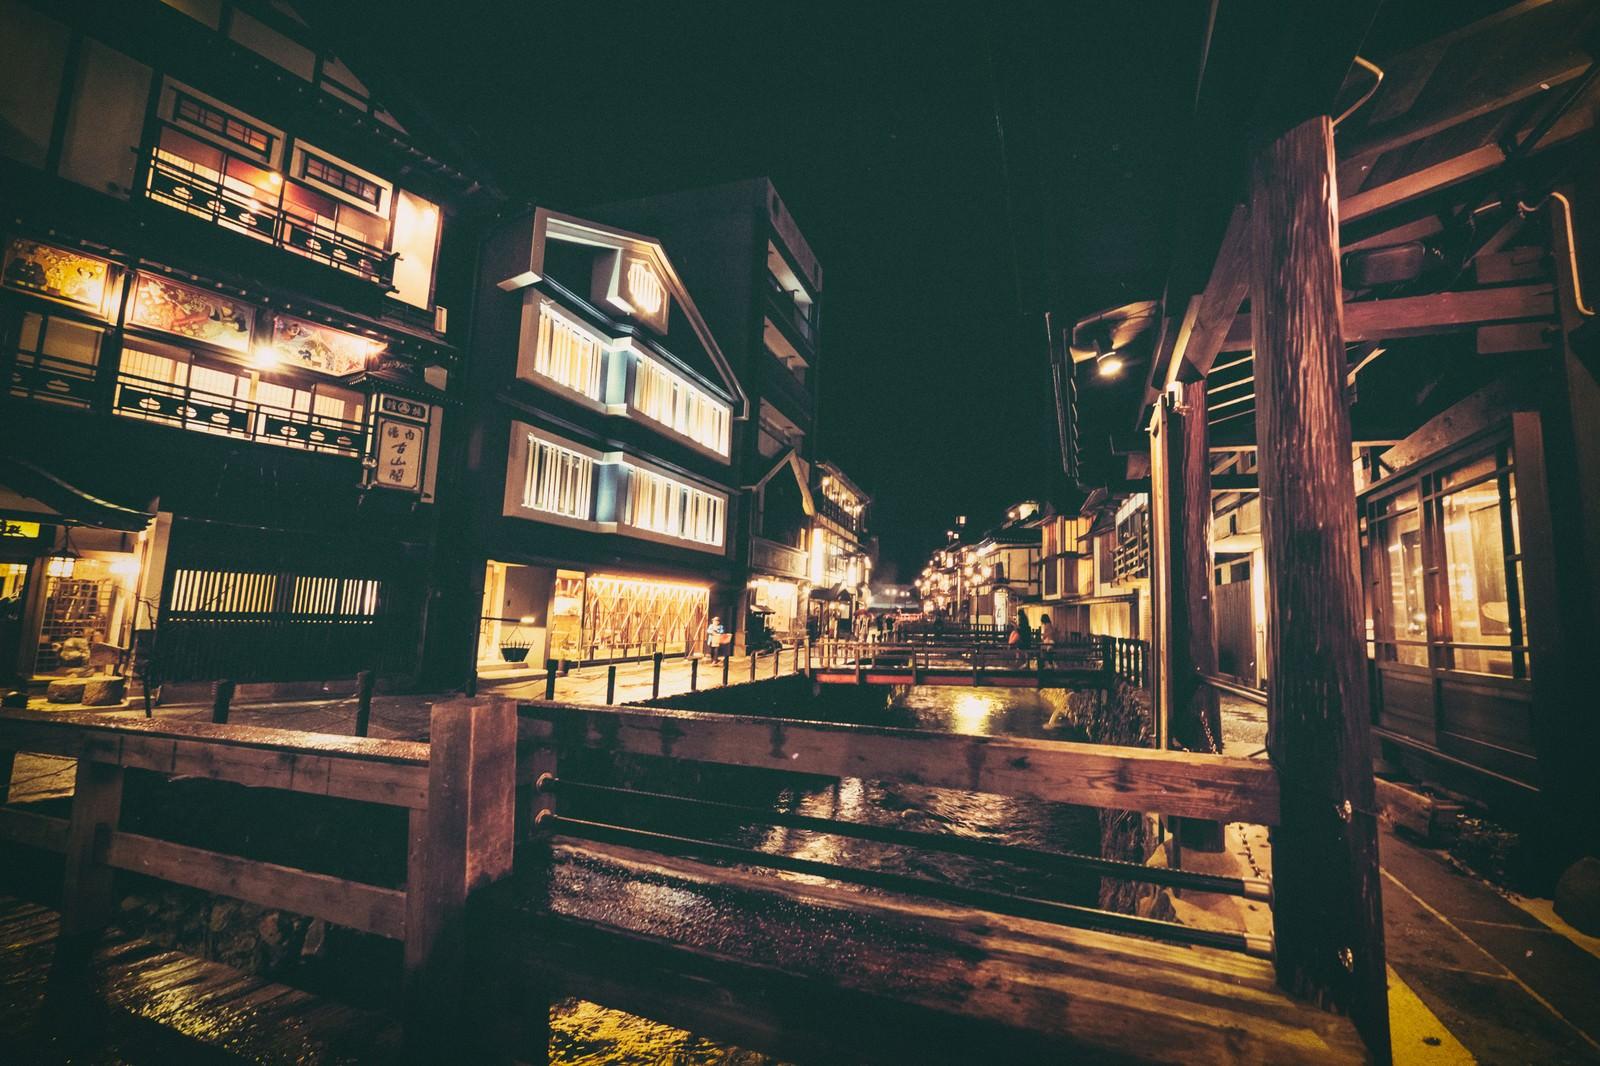 「夜間の銀山温泉街」の写真